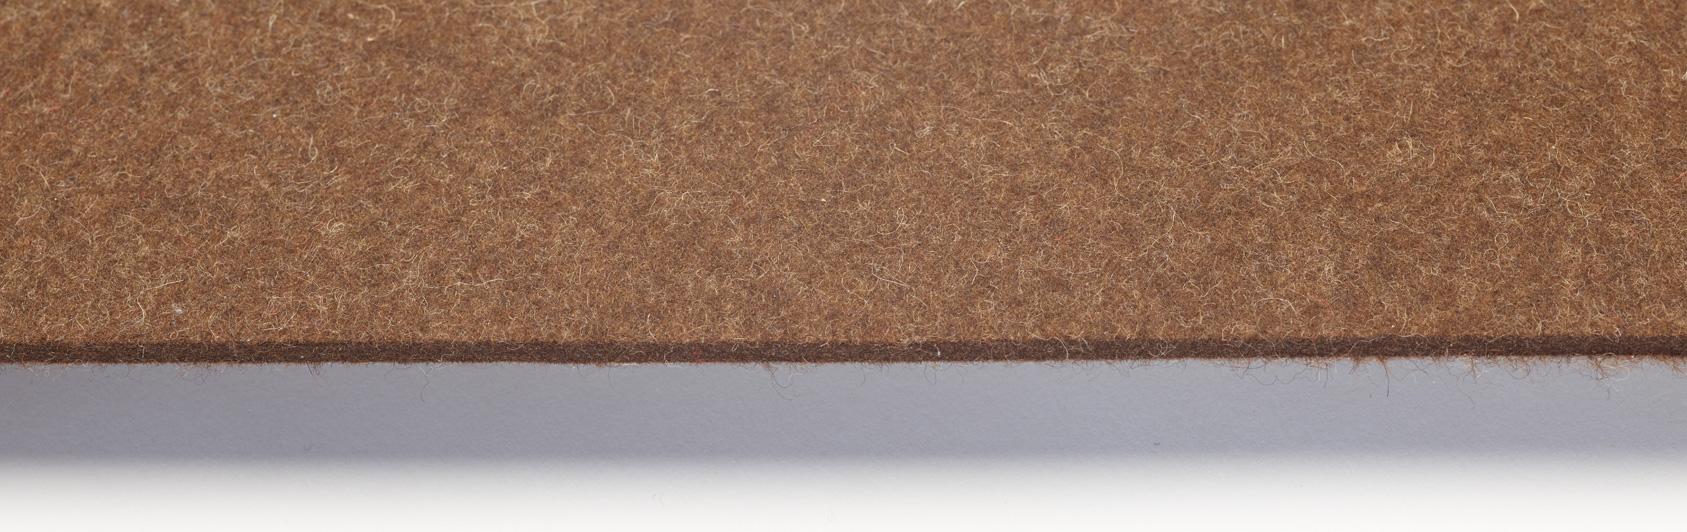 coussin qualité feutre couleur brun